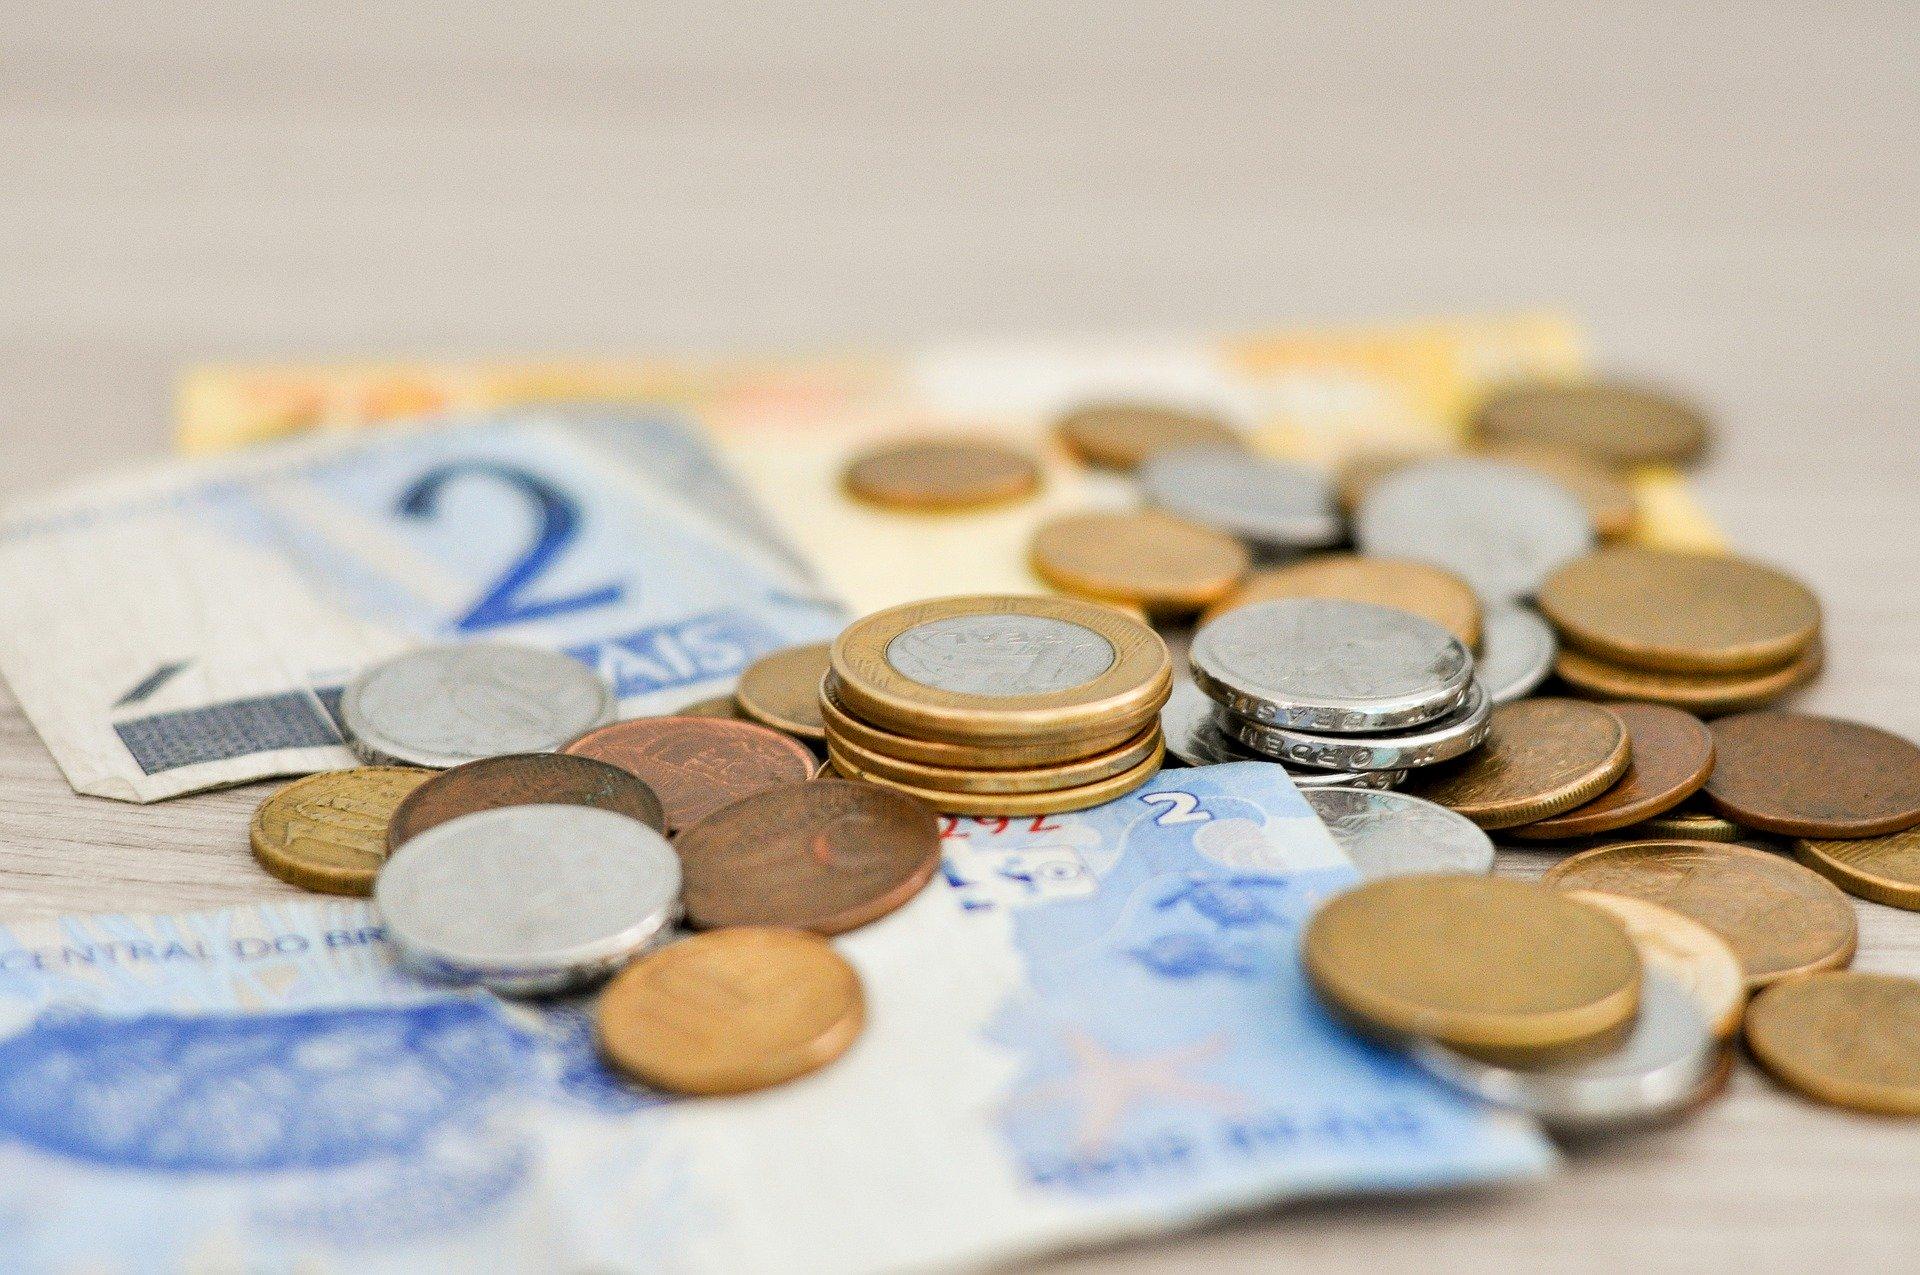 В Україні ВВП може впасти на 10% — експерти